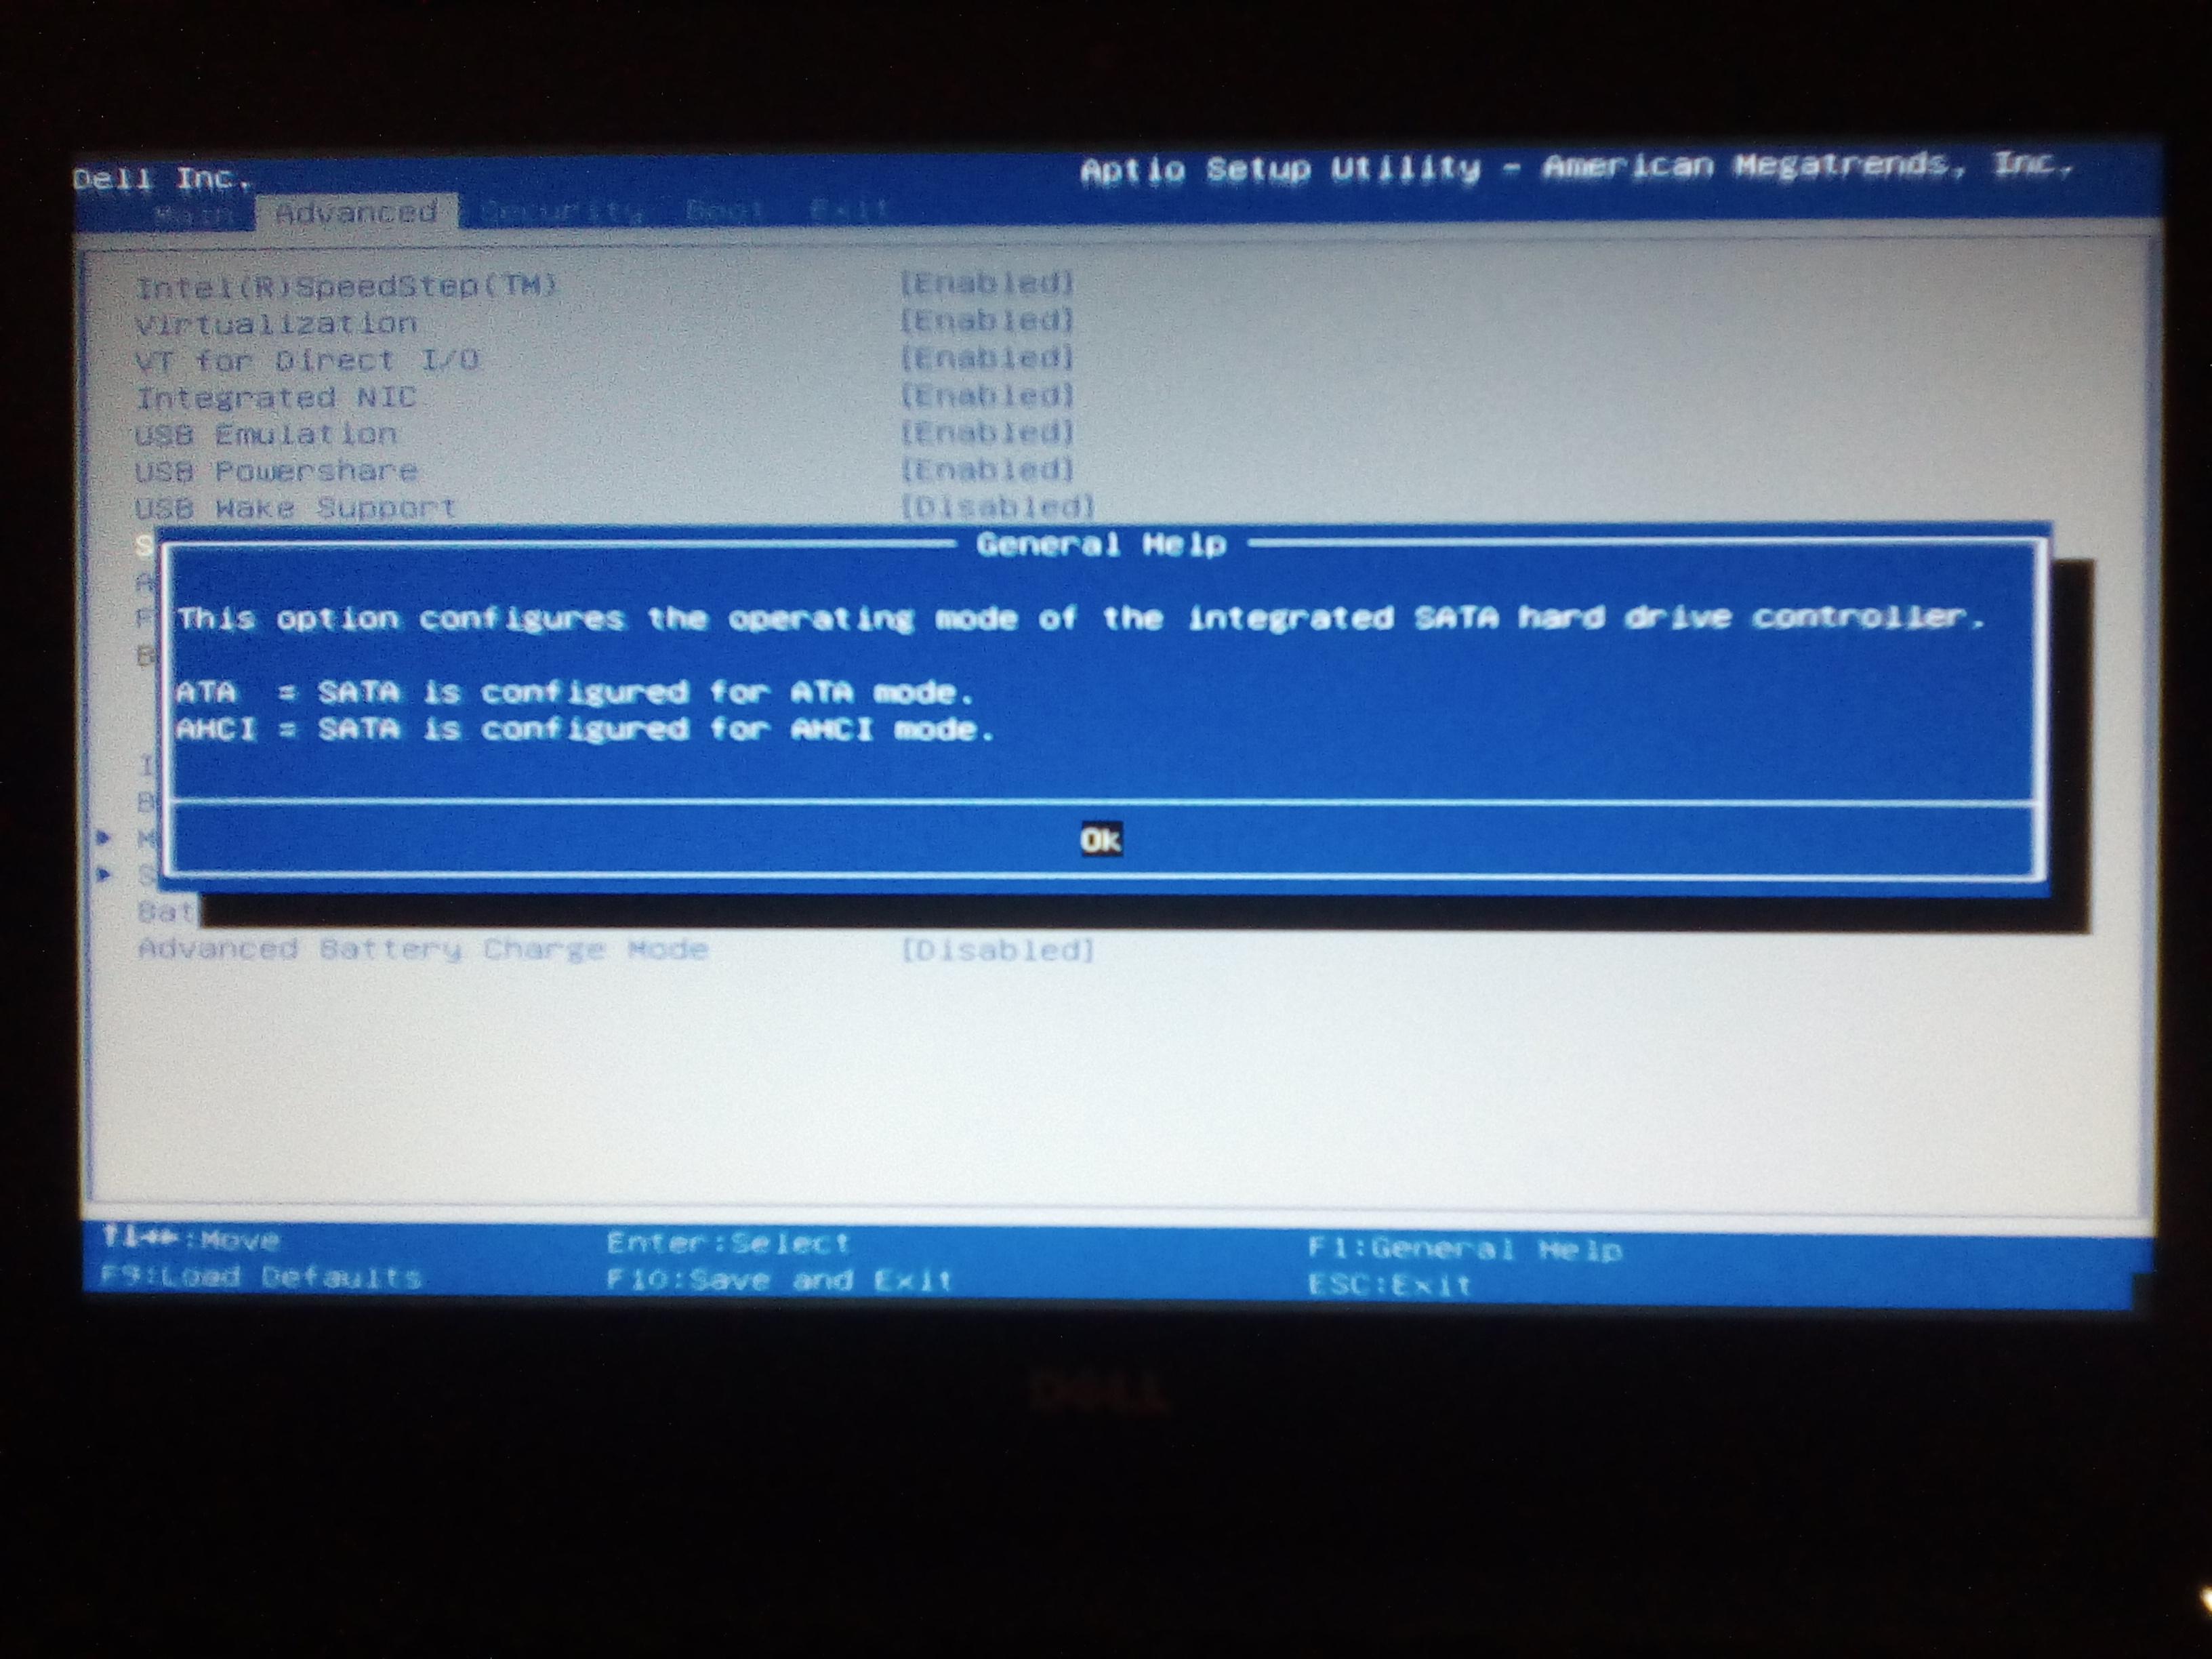 Ahci Vs Raid On Dell